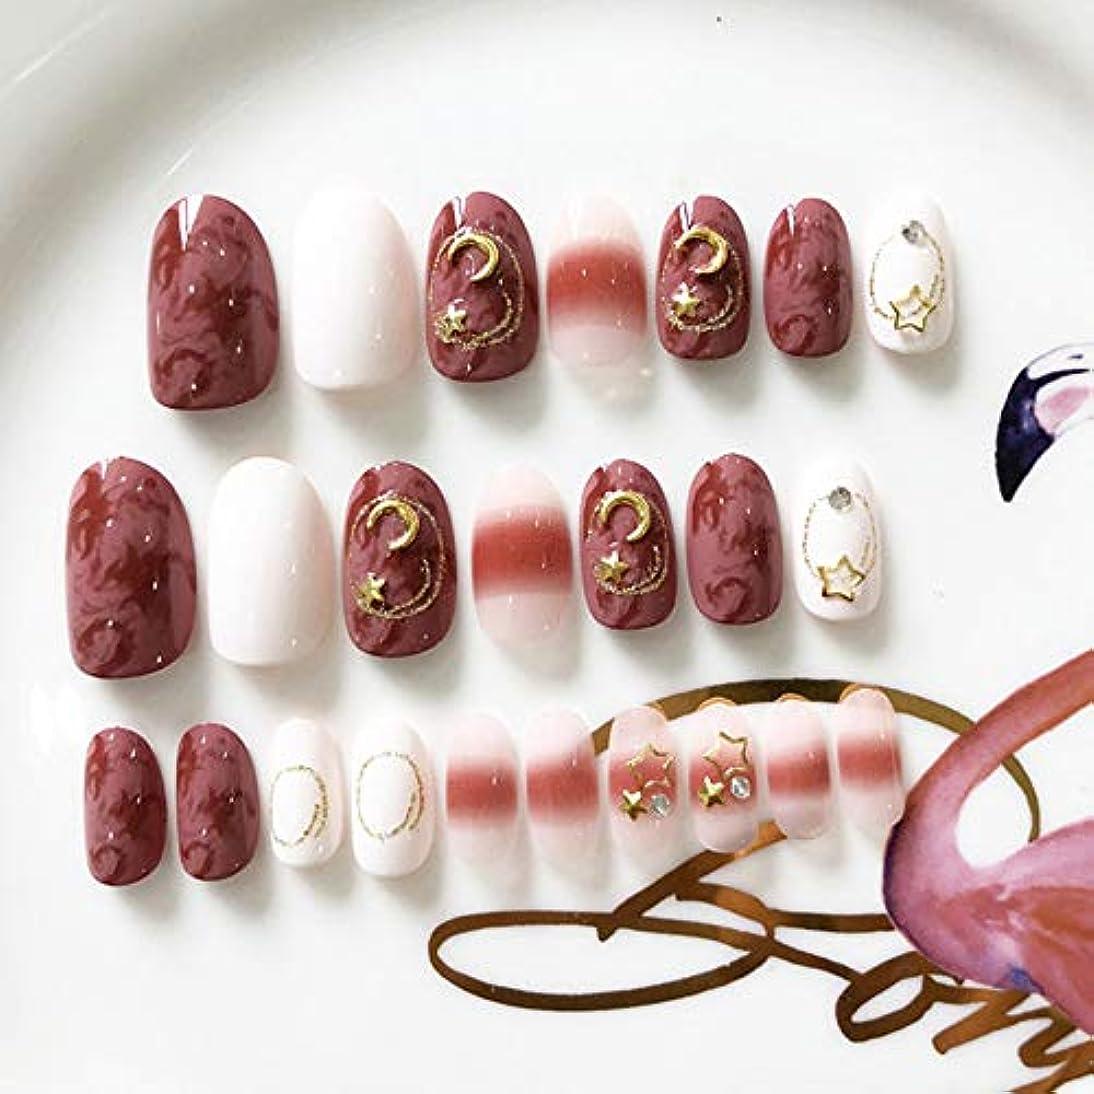 錫バーター鬼ごっこXUTXZKA 輝くラインストーンネイルムーンカラーネイルアートのヒント女性フルカバーフェイクネイル